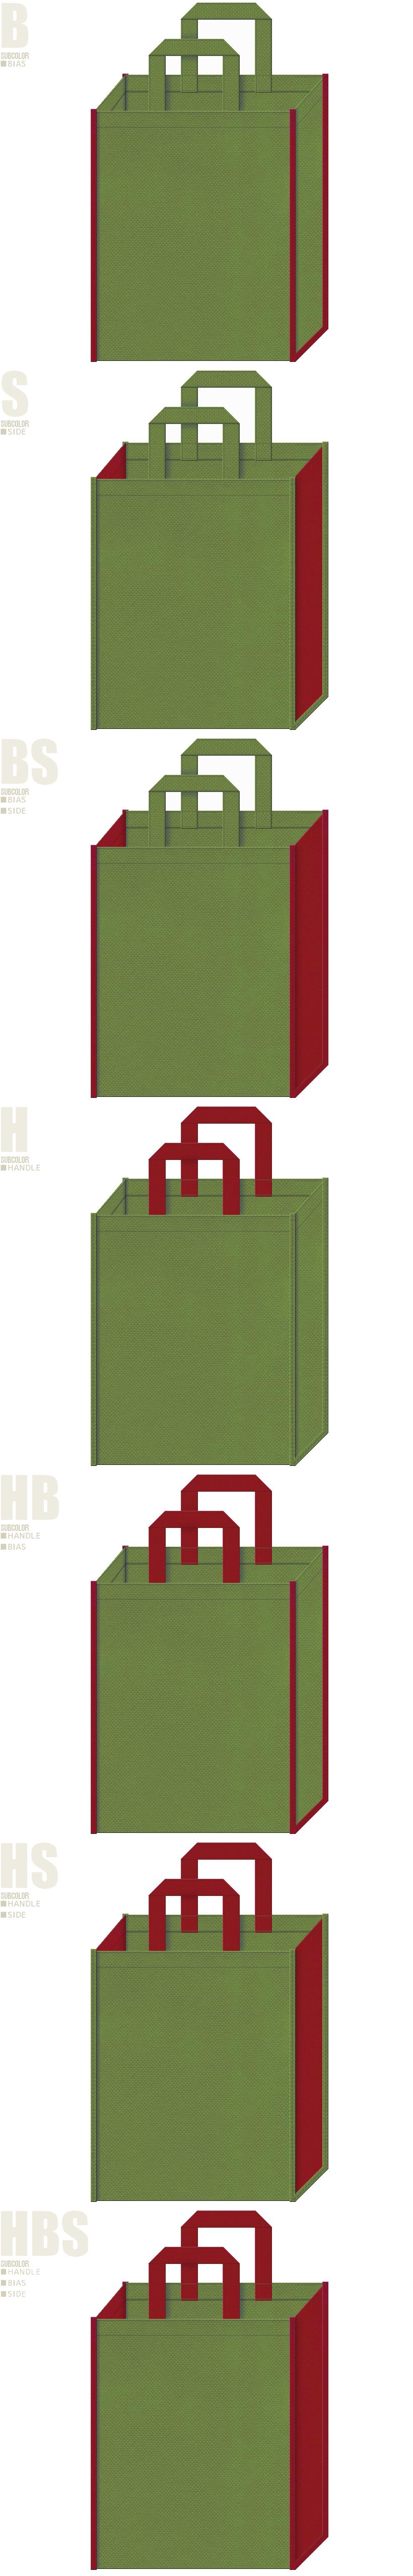 草色とエンジ色、7パターンの不織布トートバッグ配色デザイン例。和風の不織布バッグにお奨めです。抹茶入りぜんざい風。